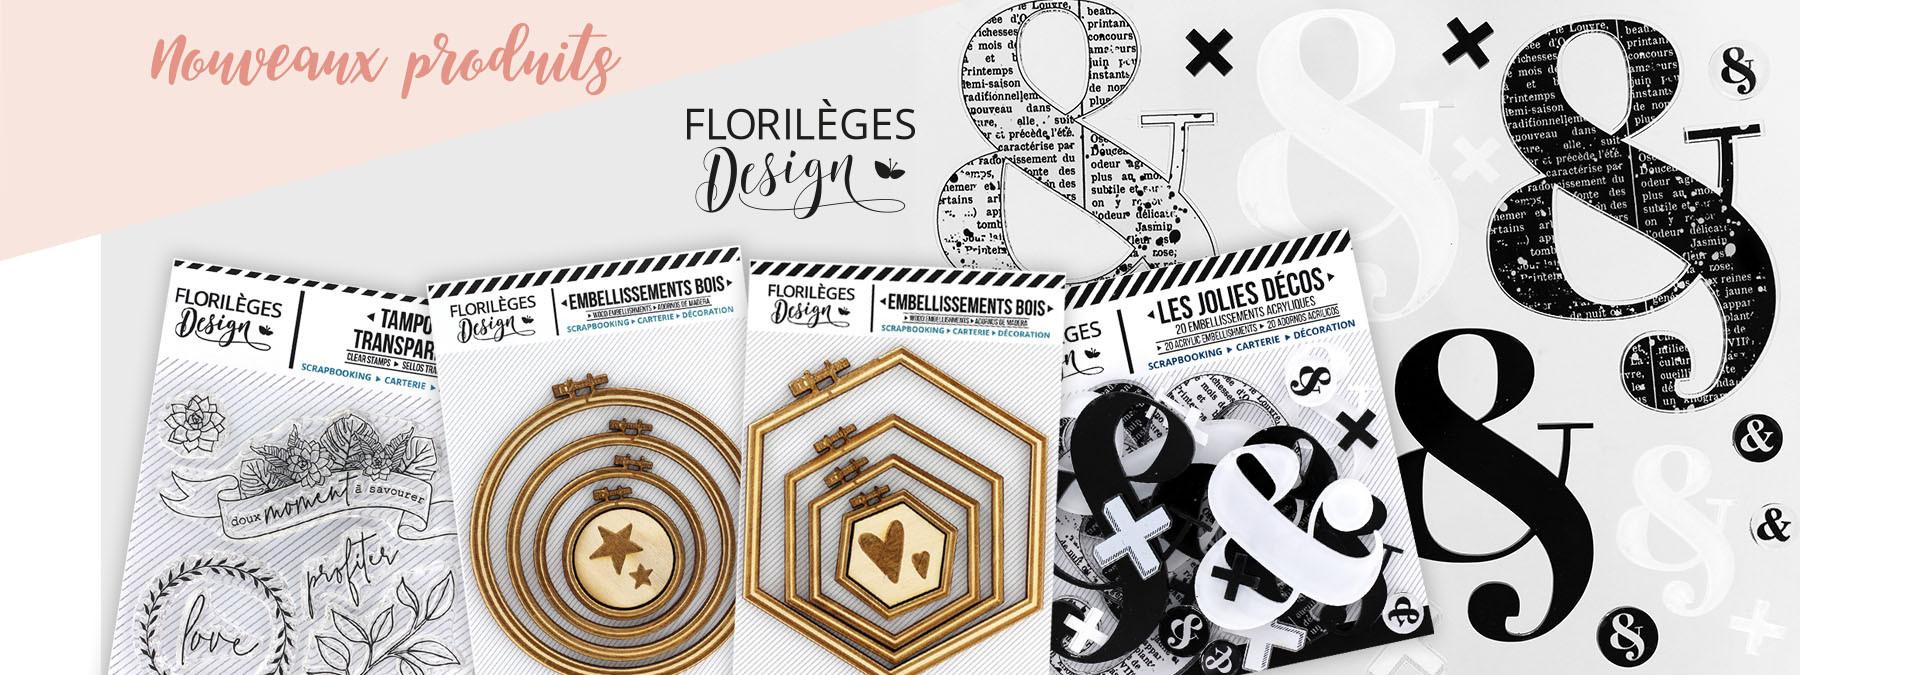 Nouveaux produits Florilges Design